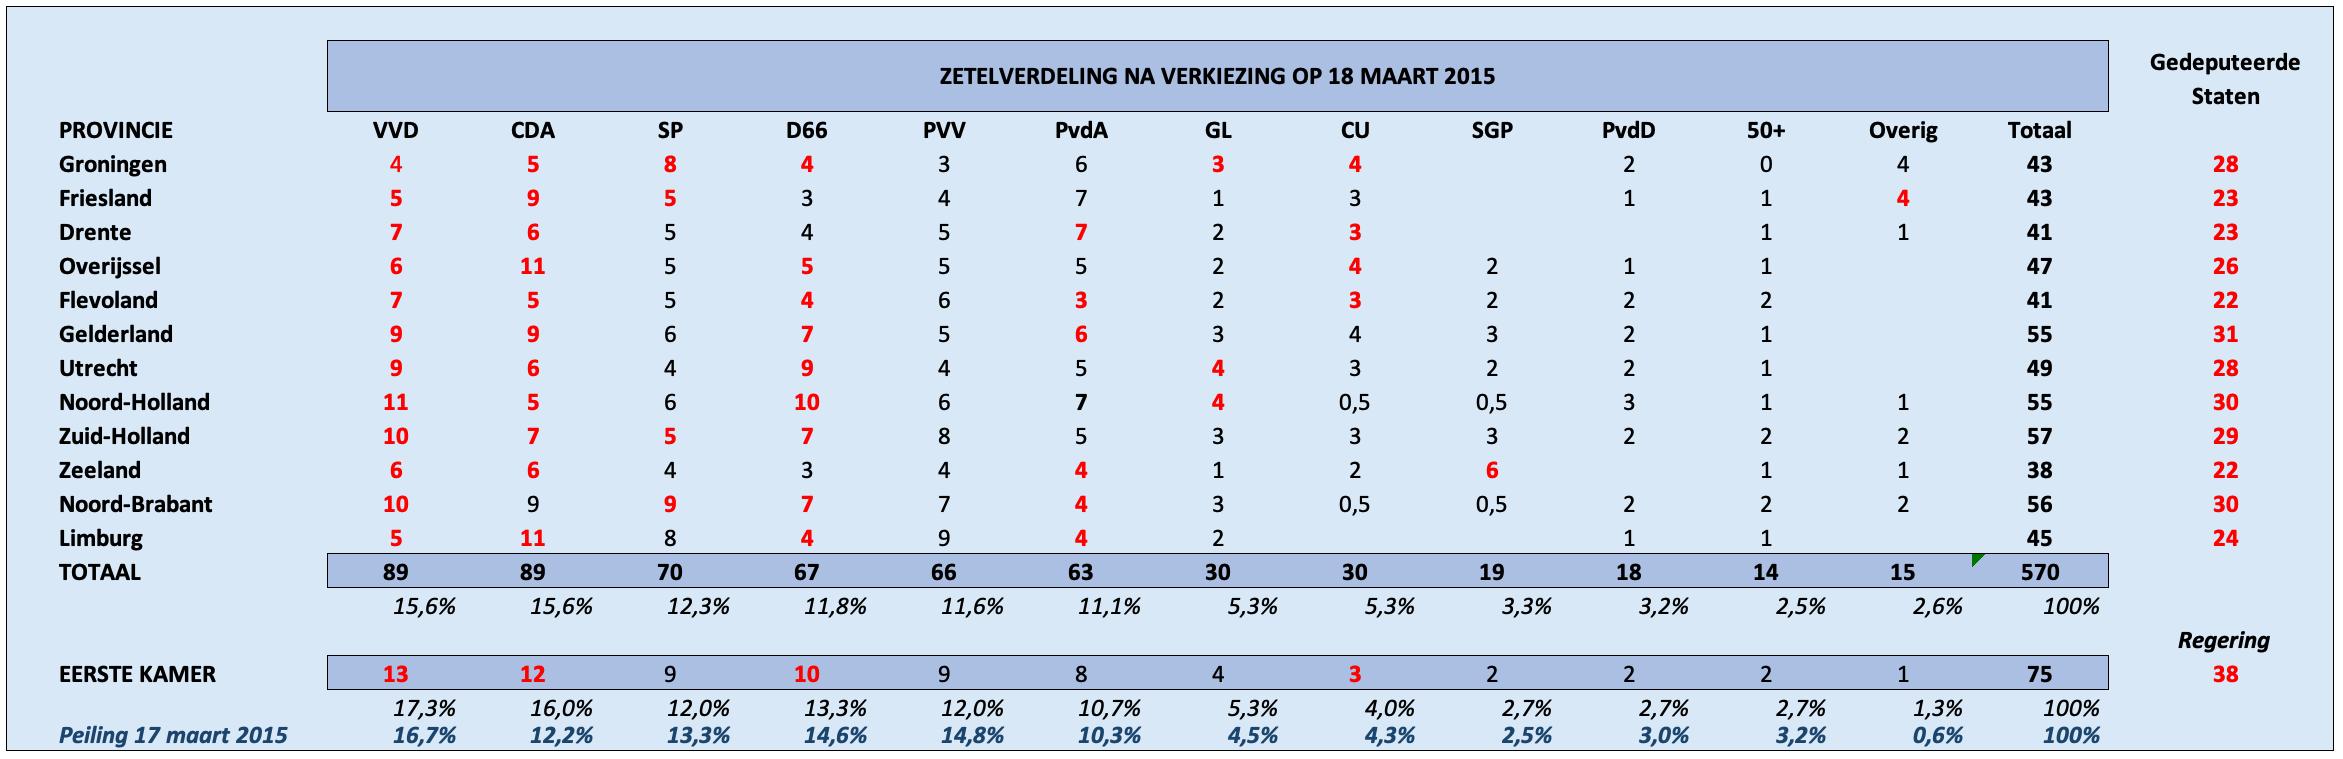 (Zetels in rood refereren naar partijen met bestuursverantwoordelijkheid)